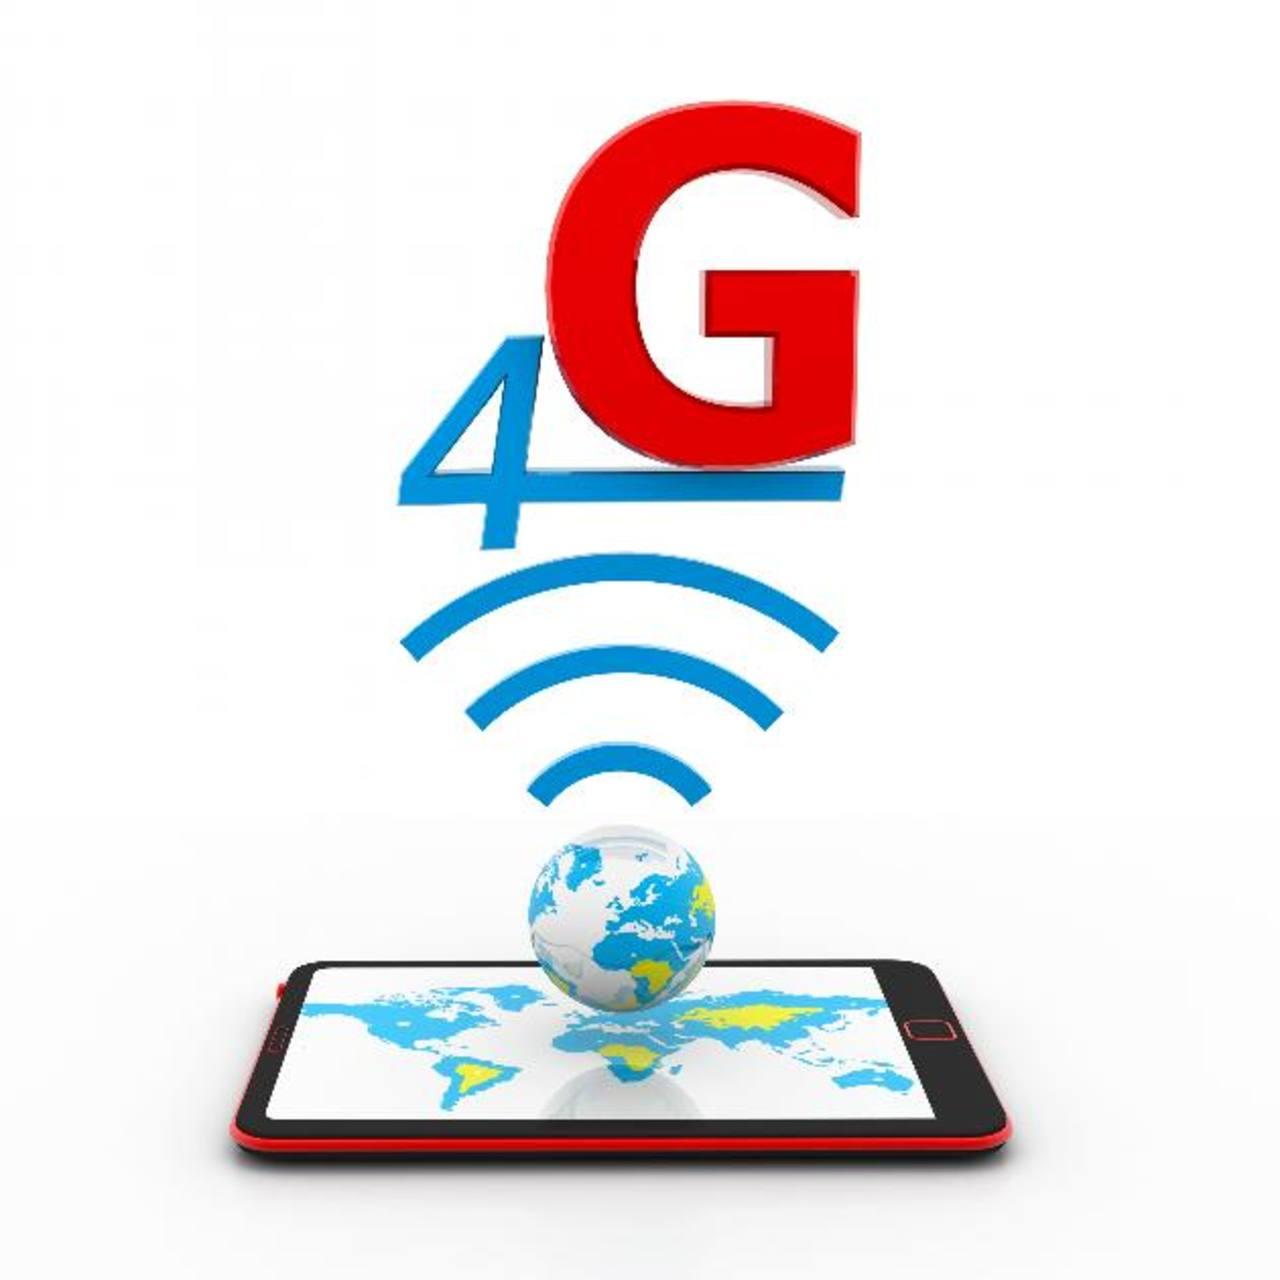 La nueva tecnología 4G se impone con dificultad